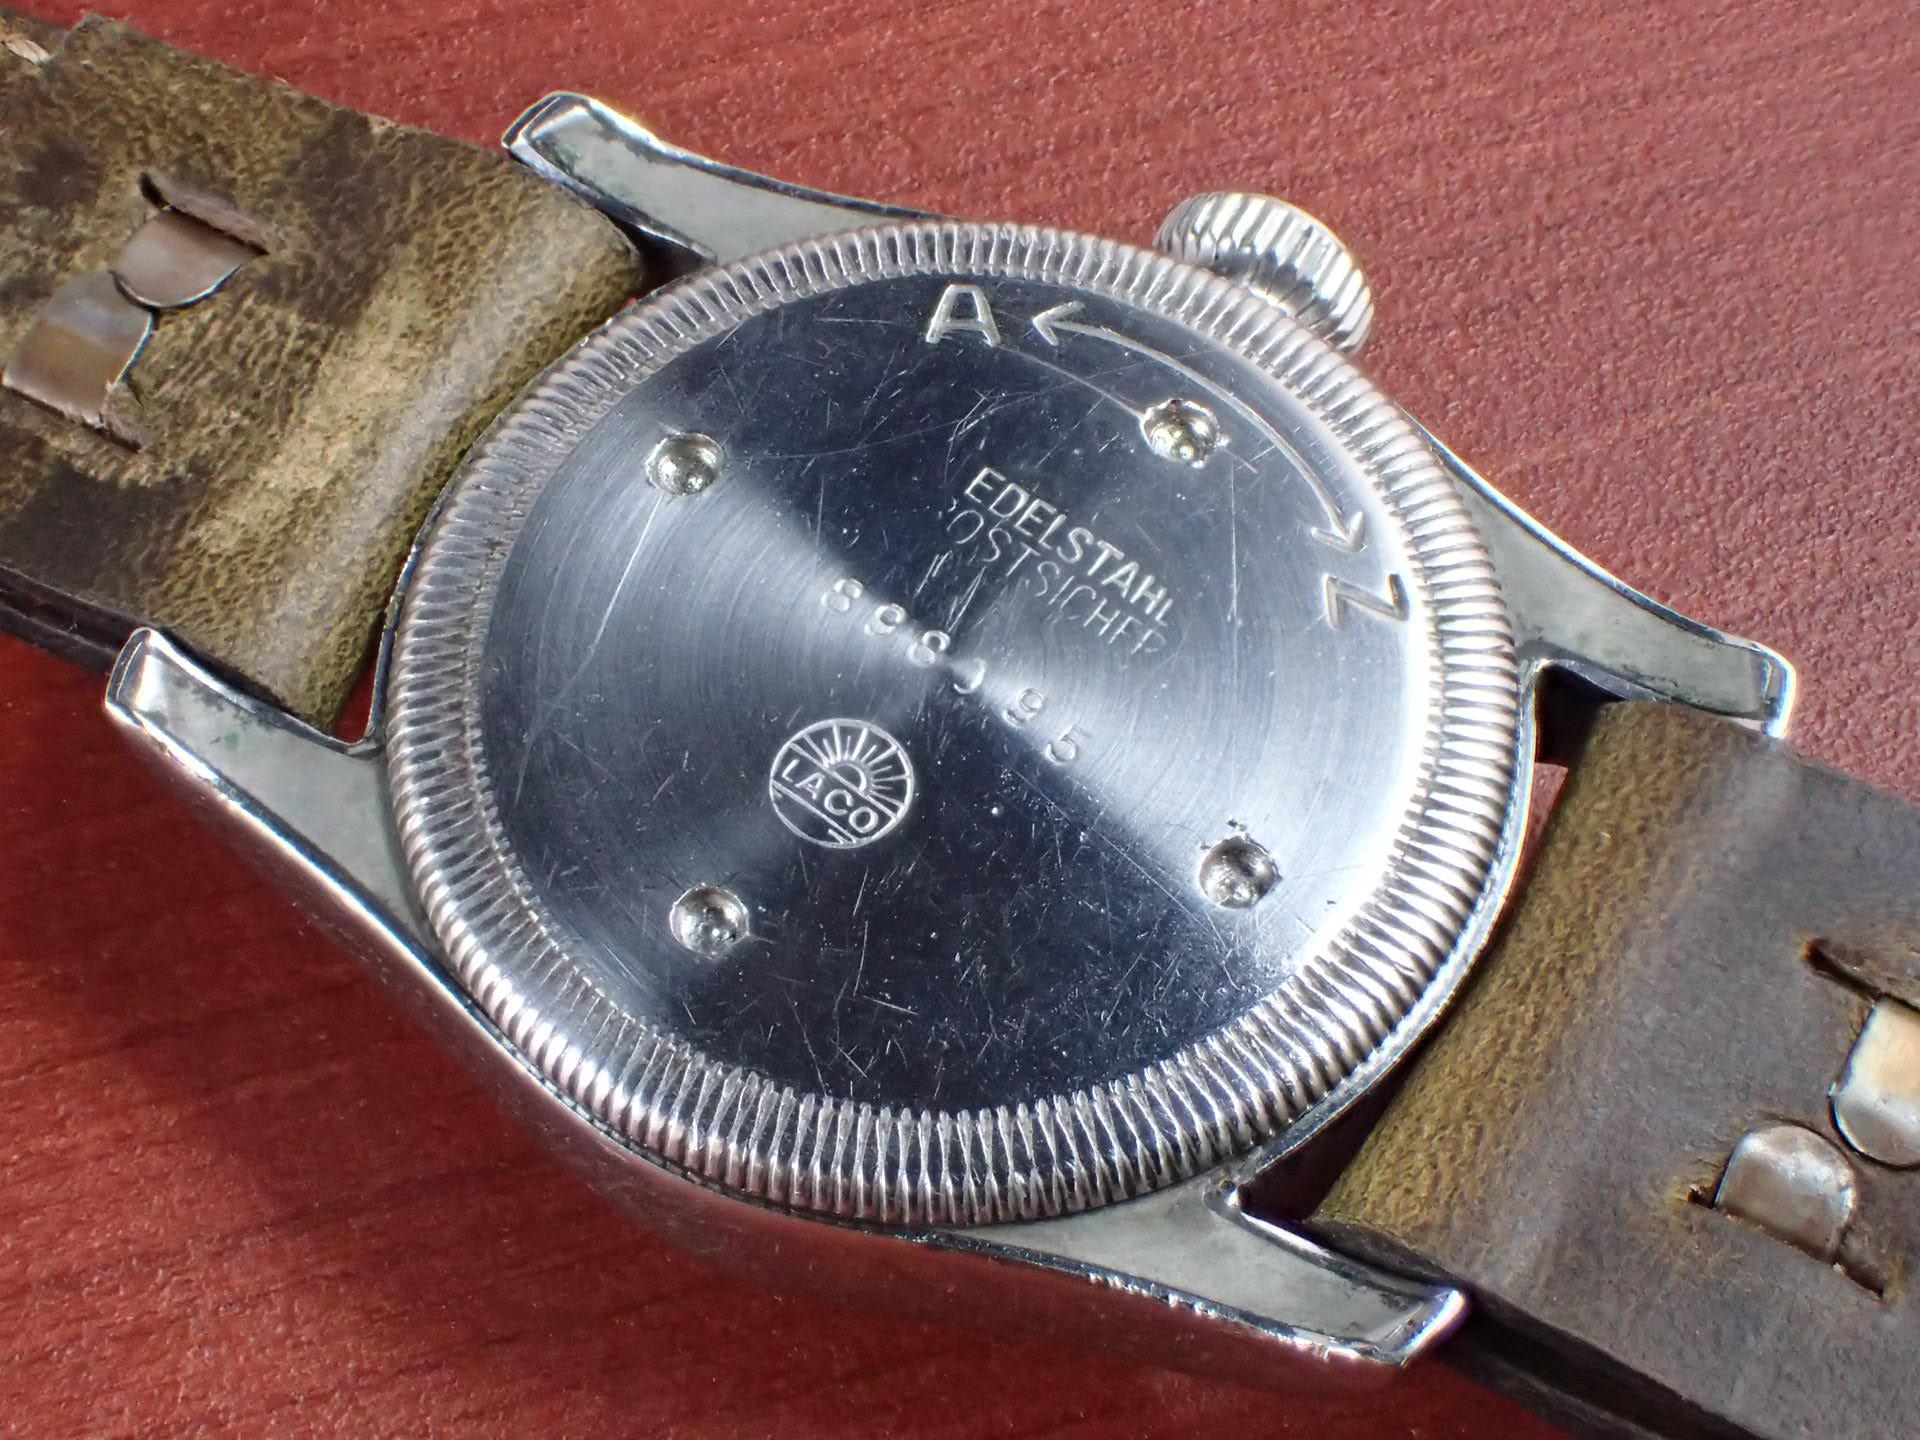 ラコ ブラックミラーダイアル ボーイズサイズ 防水ケース 1940年代の写真4枚目